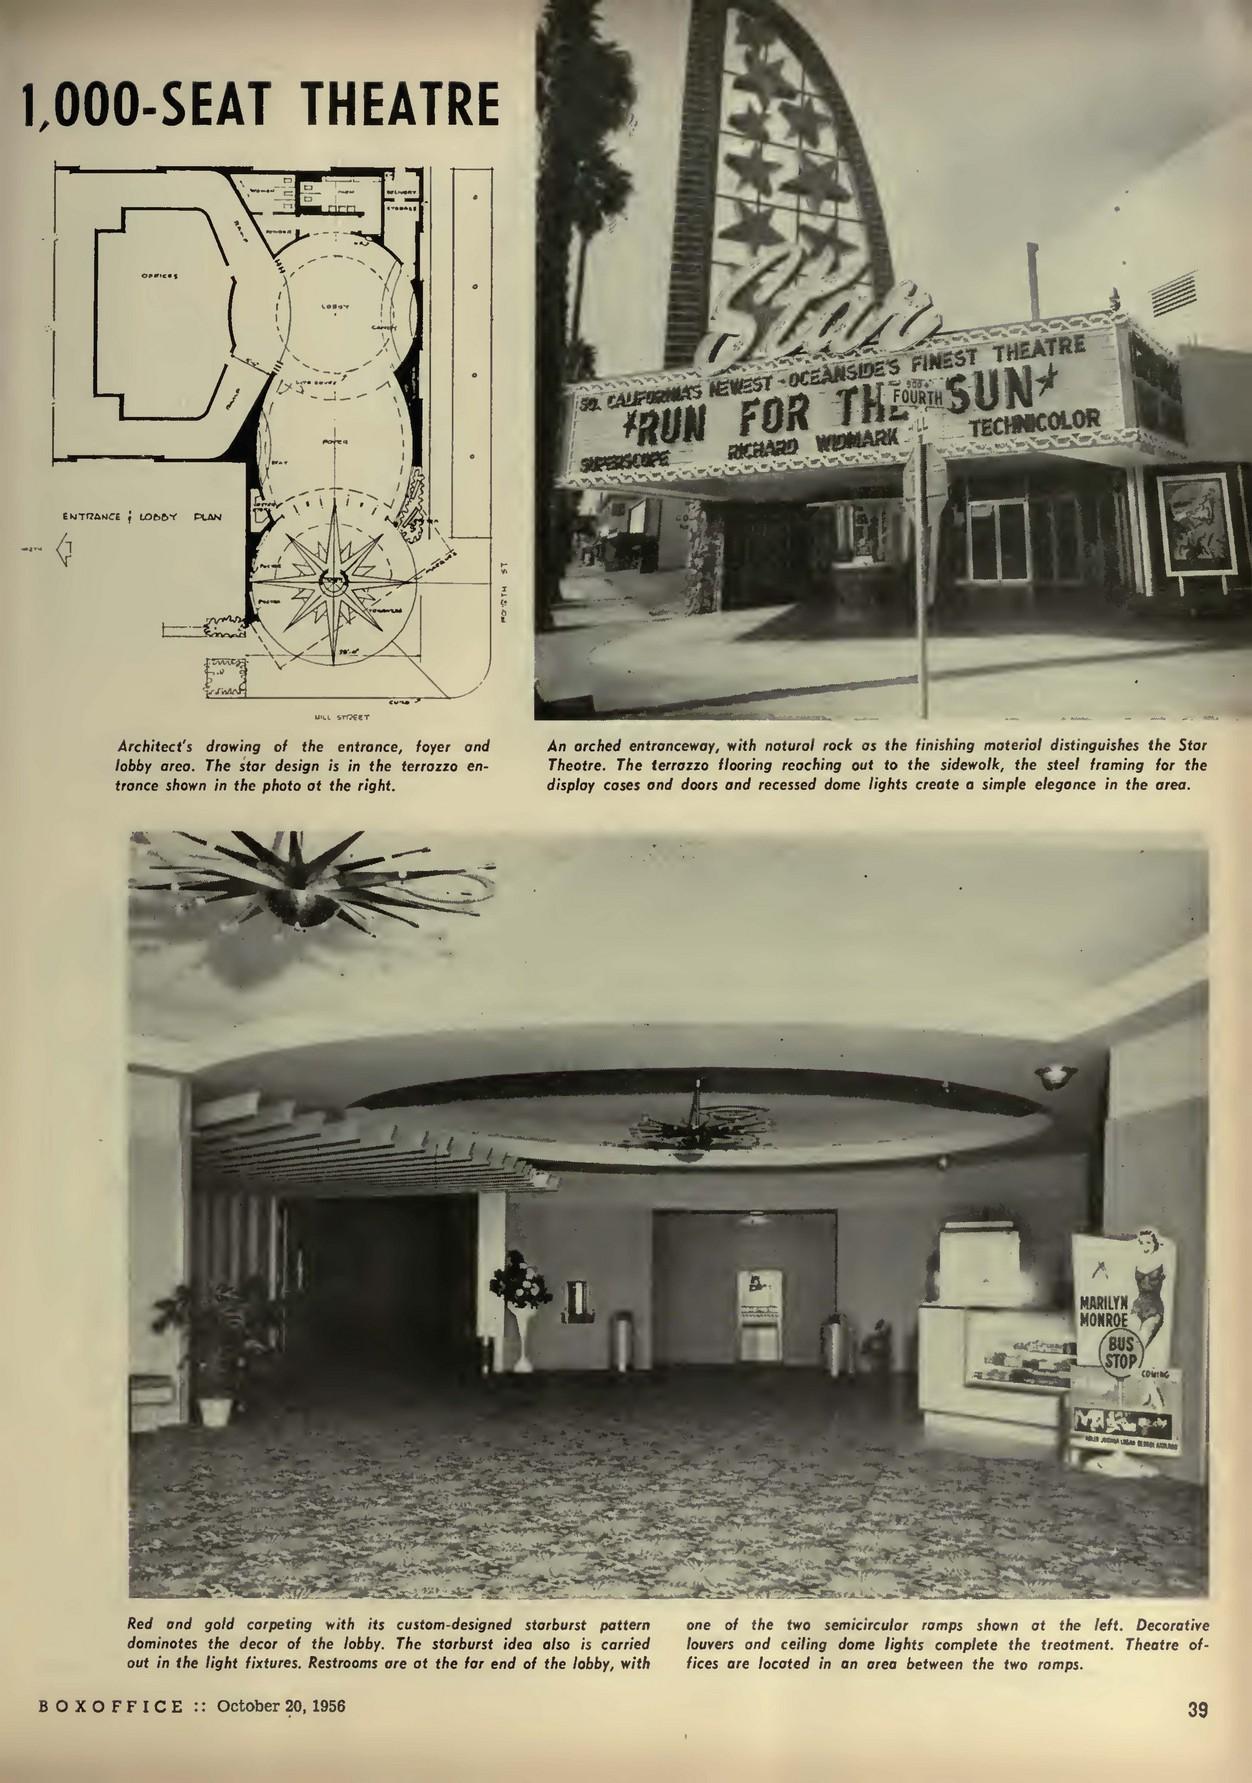 2boxoffice  10-20-1956 page 39